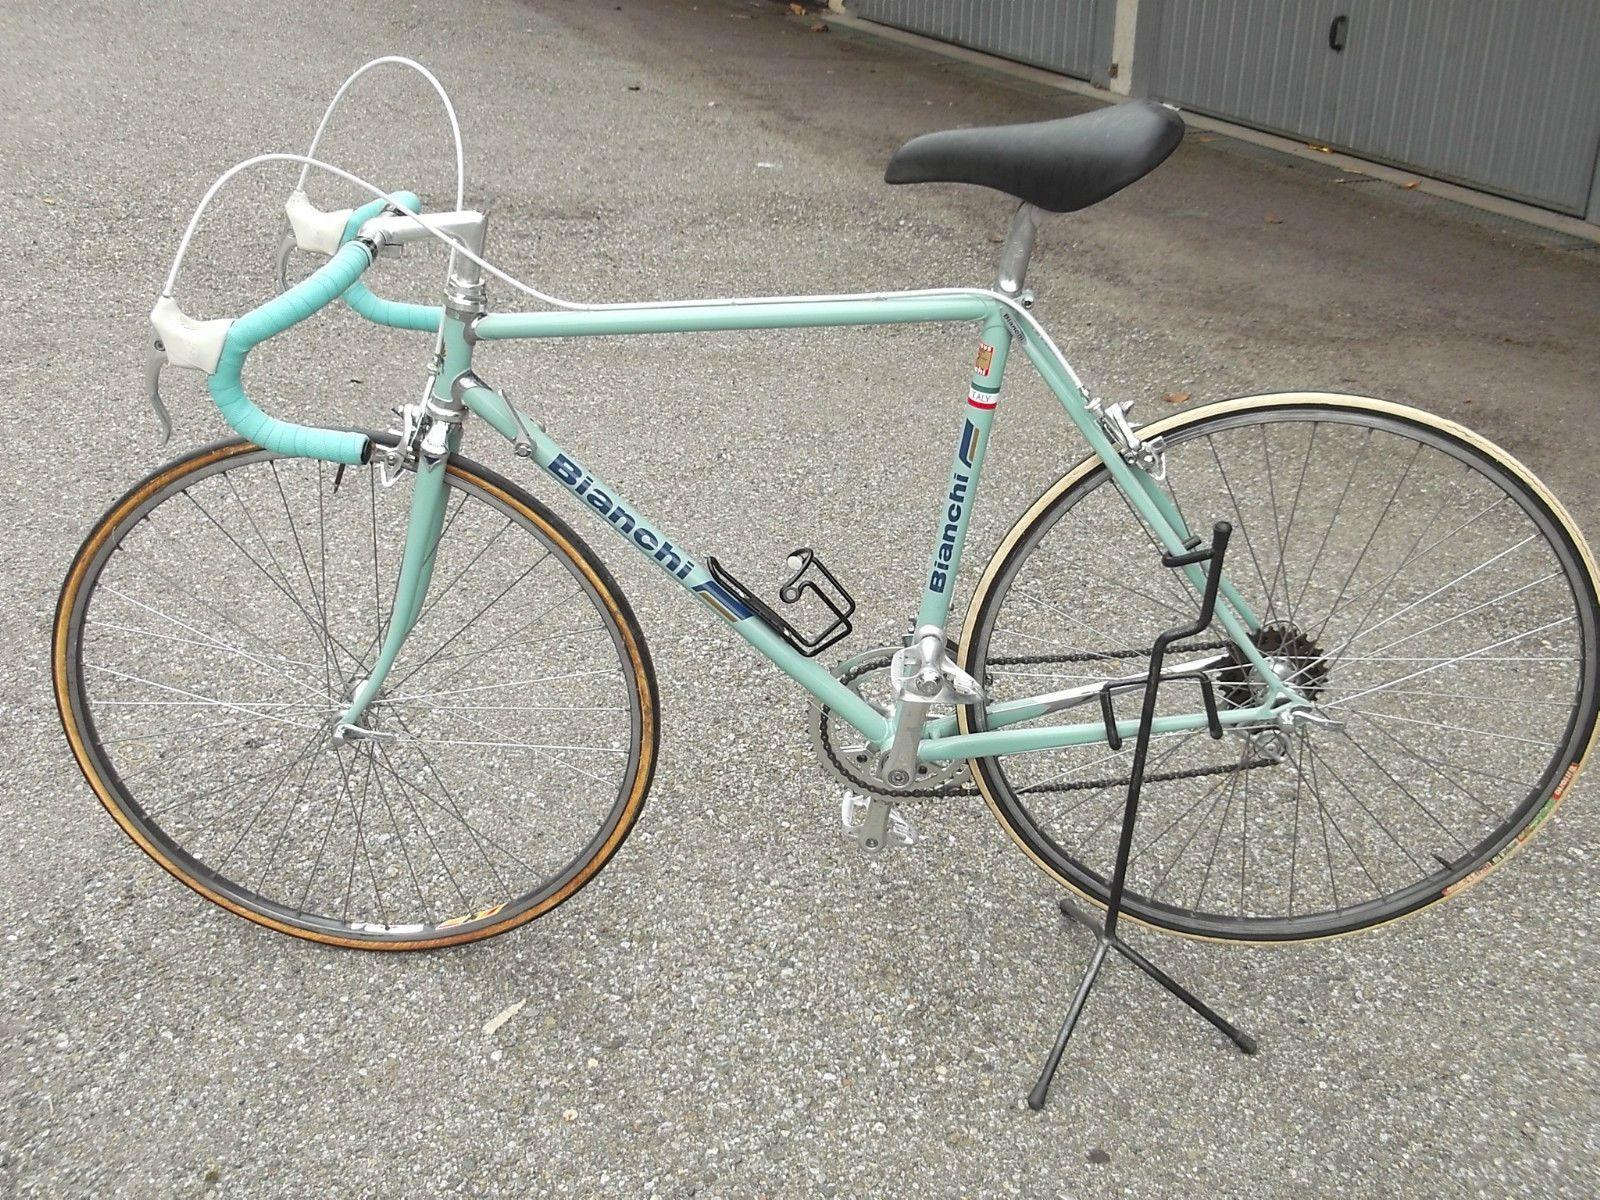 f22fcc524 Bicicletta Corsa Bici Bicycle Vintage Epoca Campagnolo Bianchi  Specialissima X3